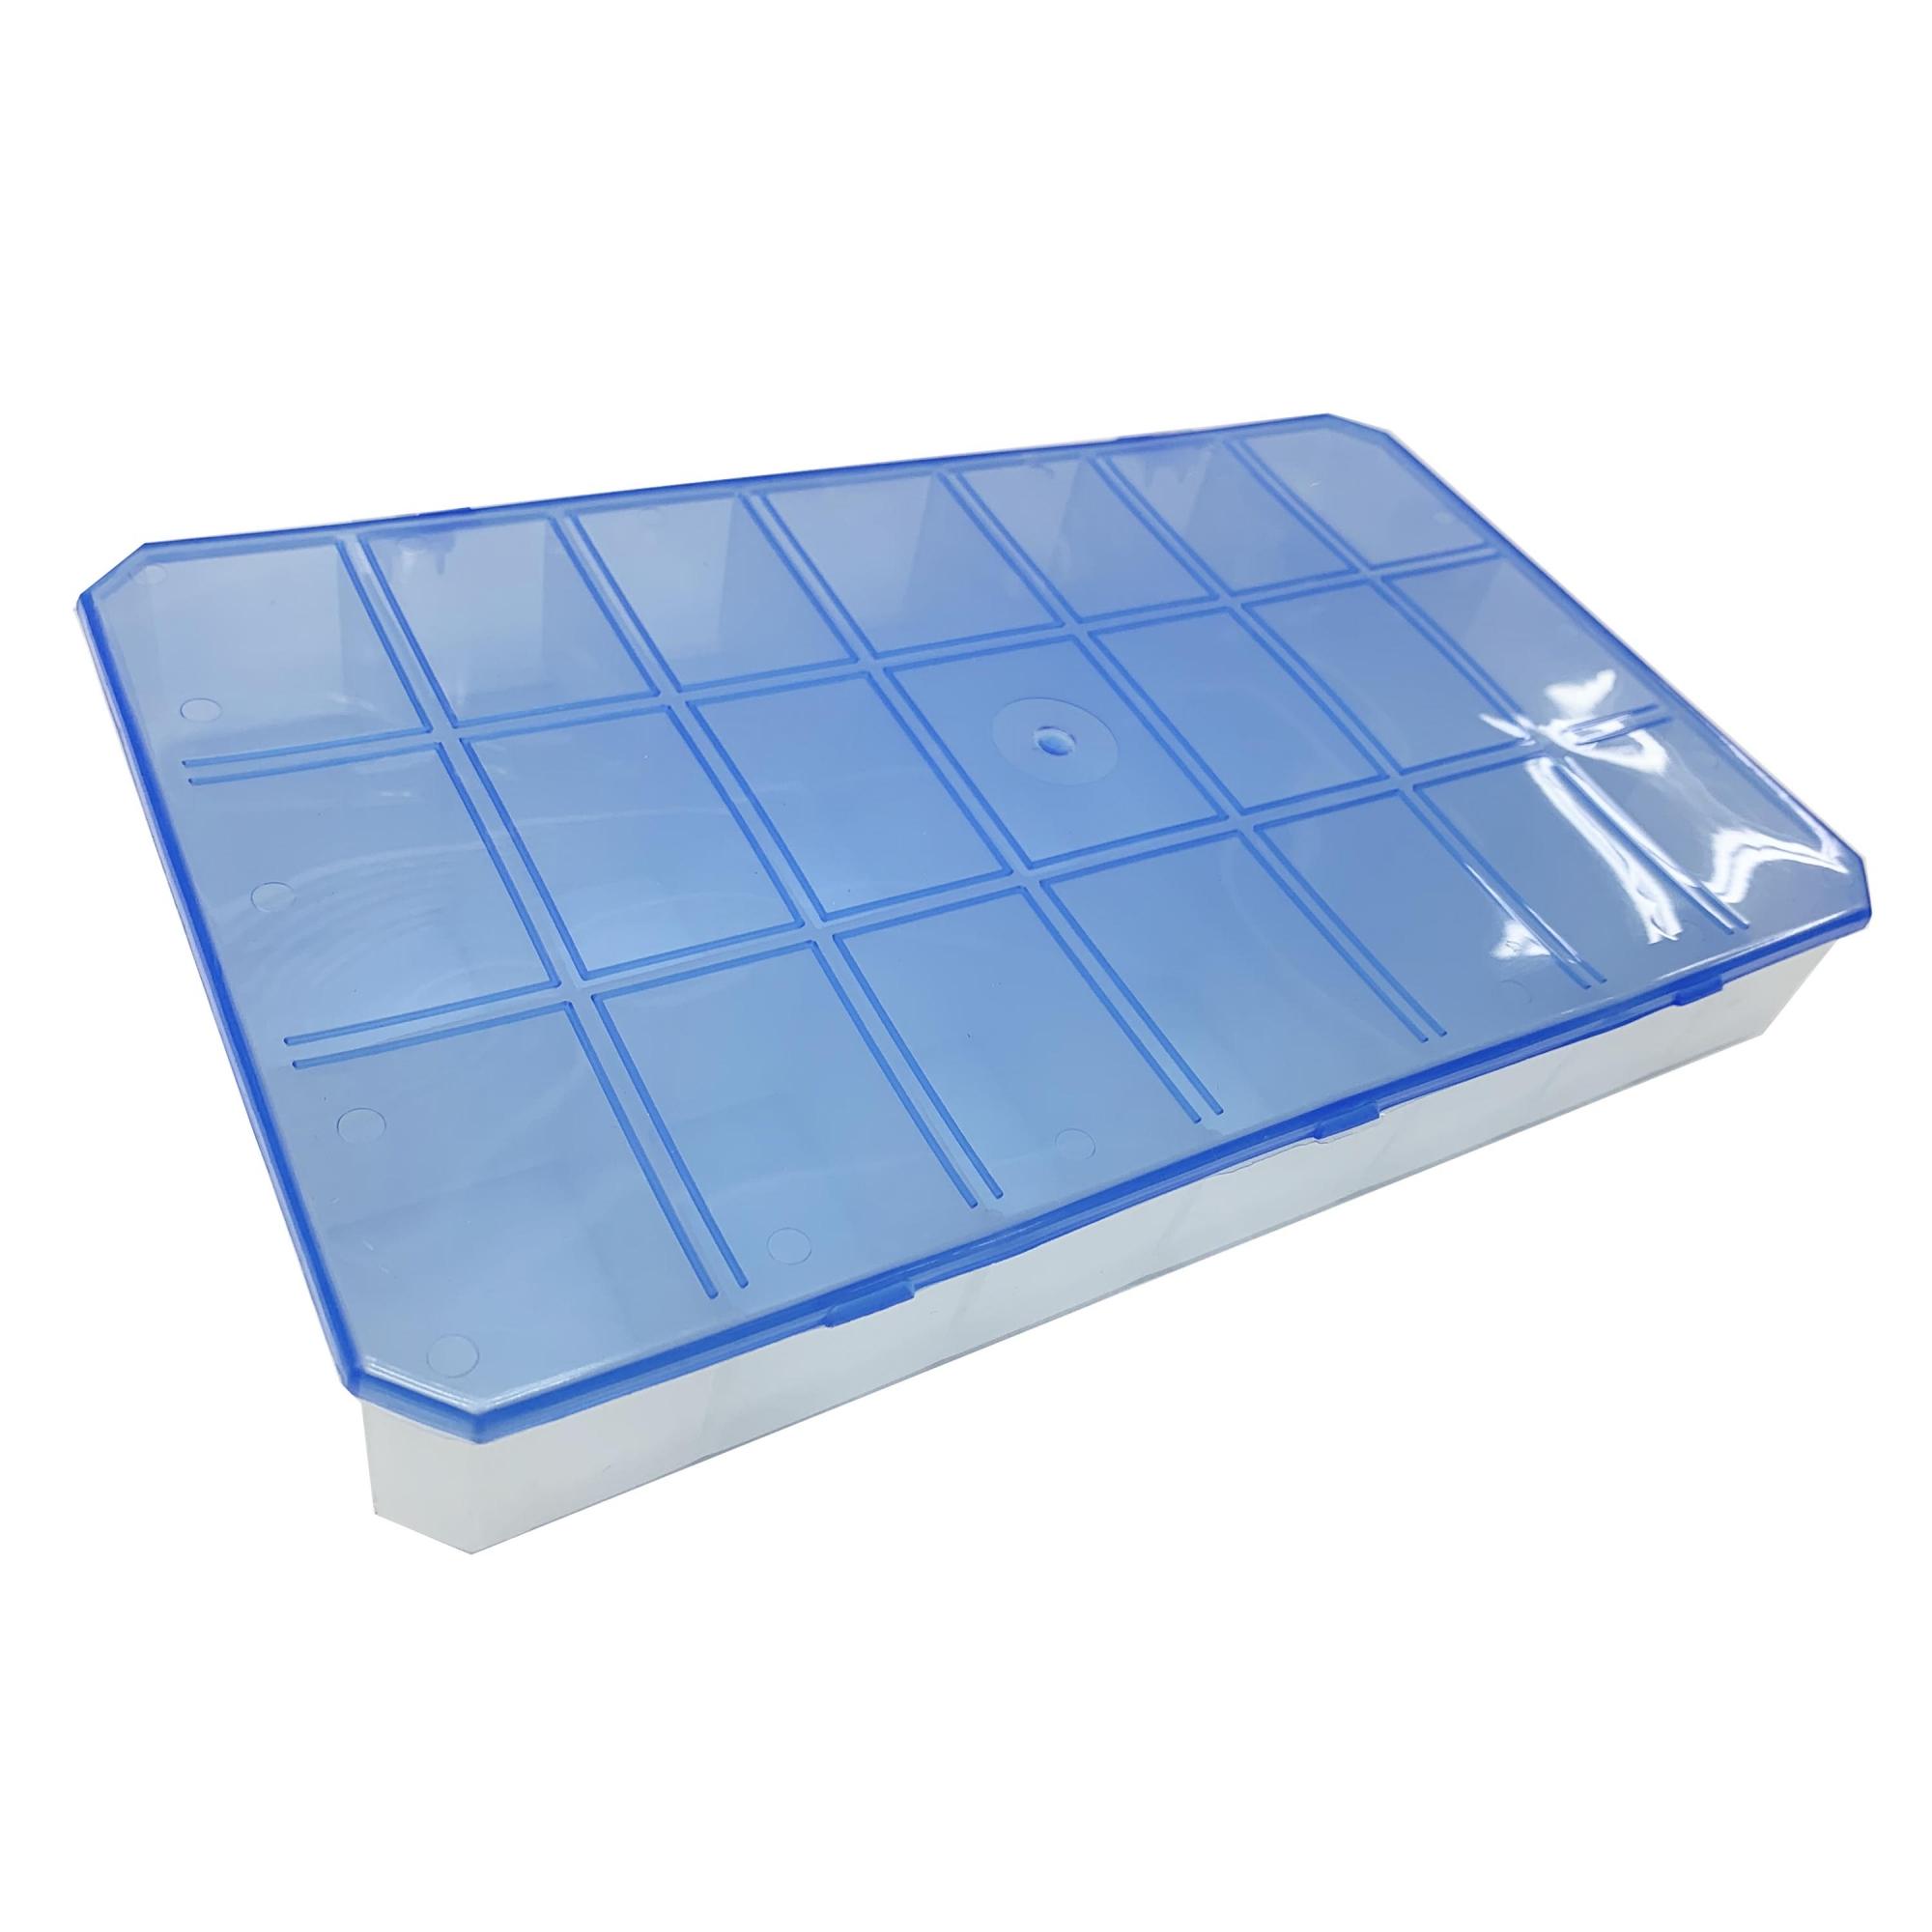 Caixa Organizadora - Azul Transparente  - Universo Religioso® - Artigos de Umbanda e Candomblé